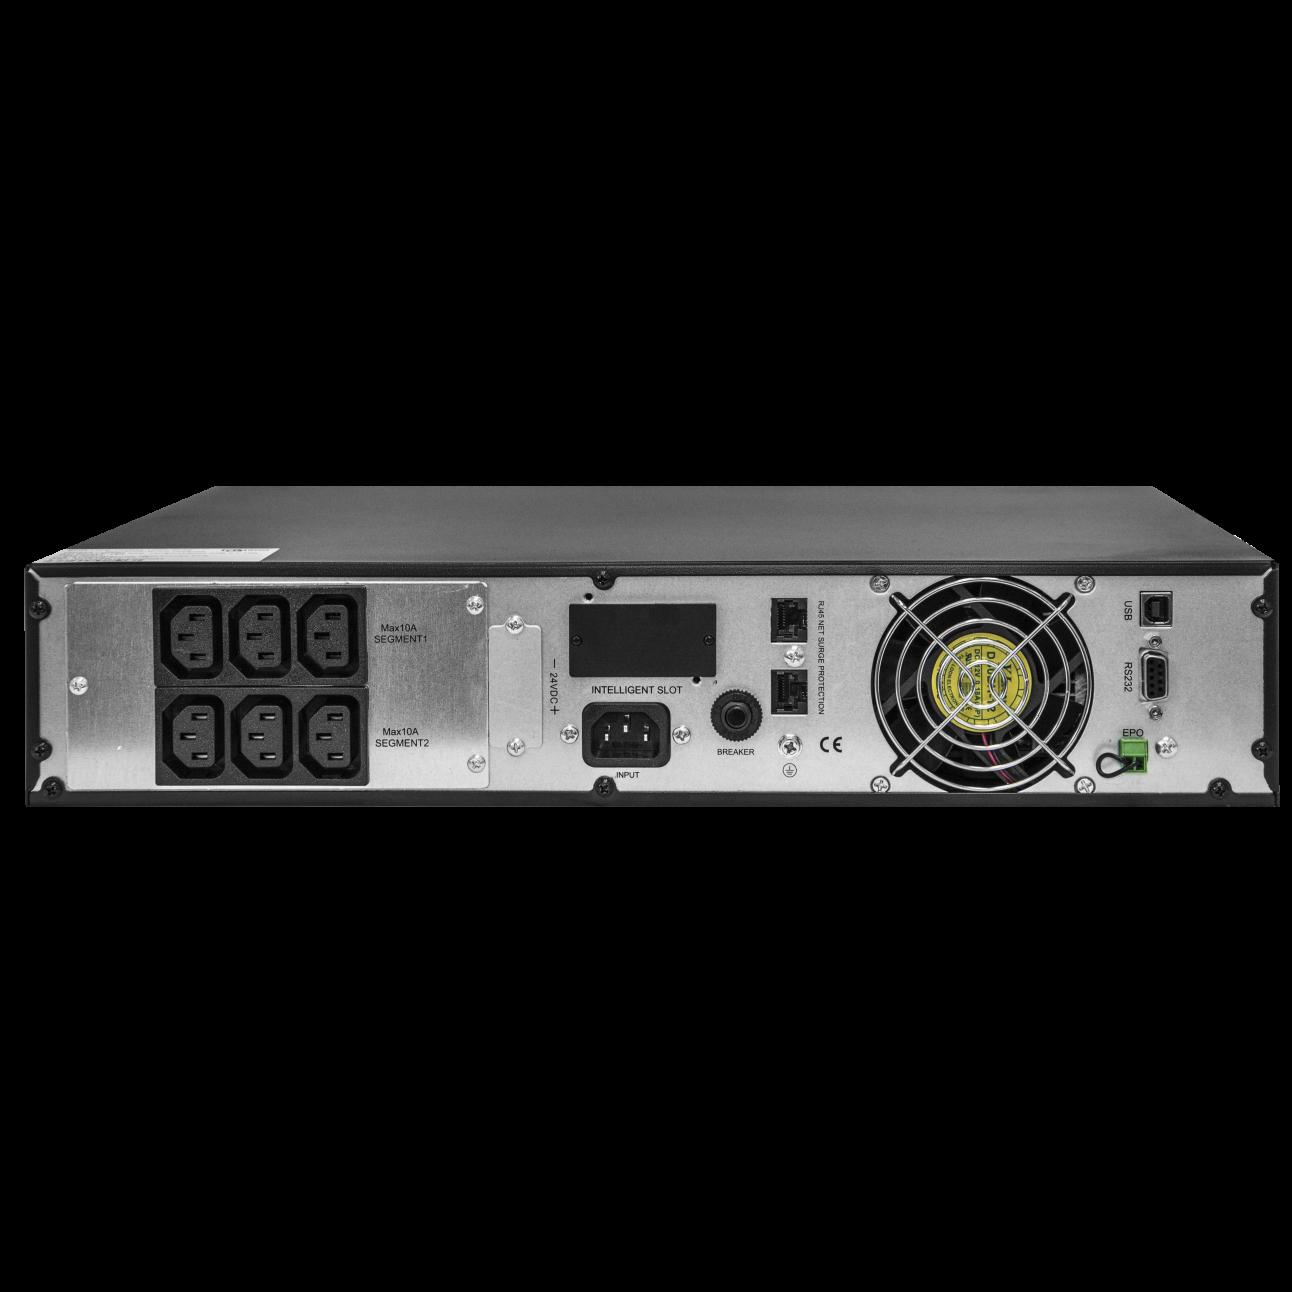 Источник бесперебойного питания on-line SNR серии Element, 1000 VA, 36VDC